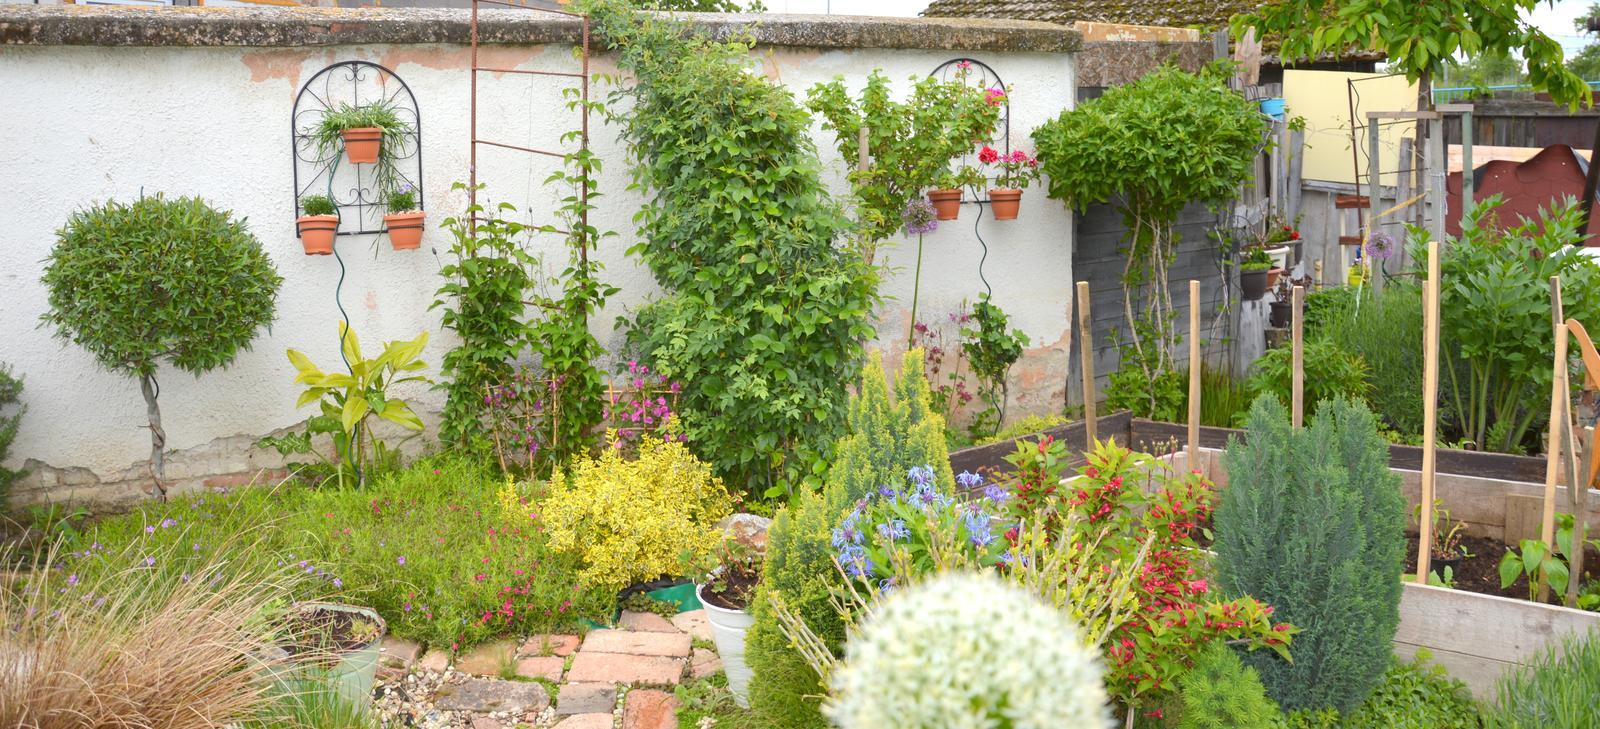 Niečo zo záhradky :-) - Obrázok č. 41